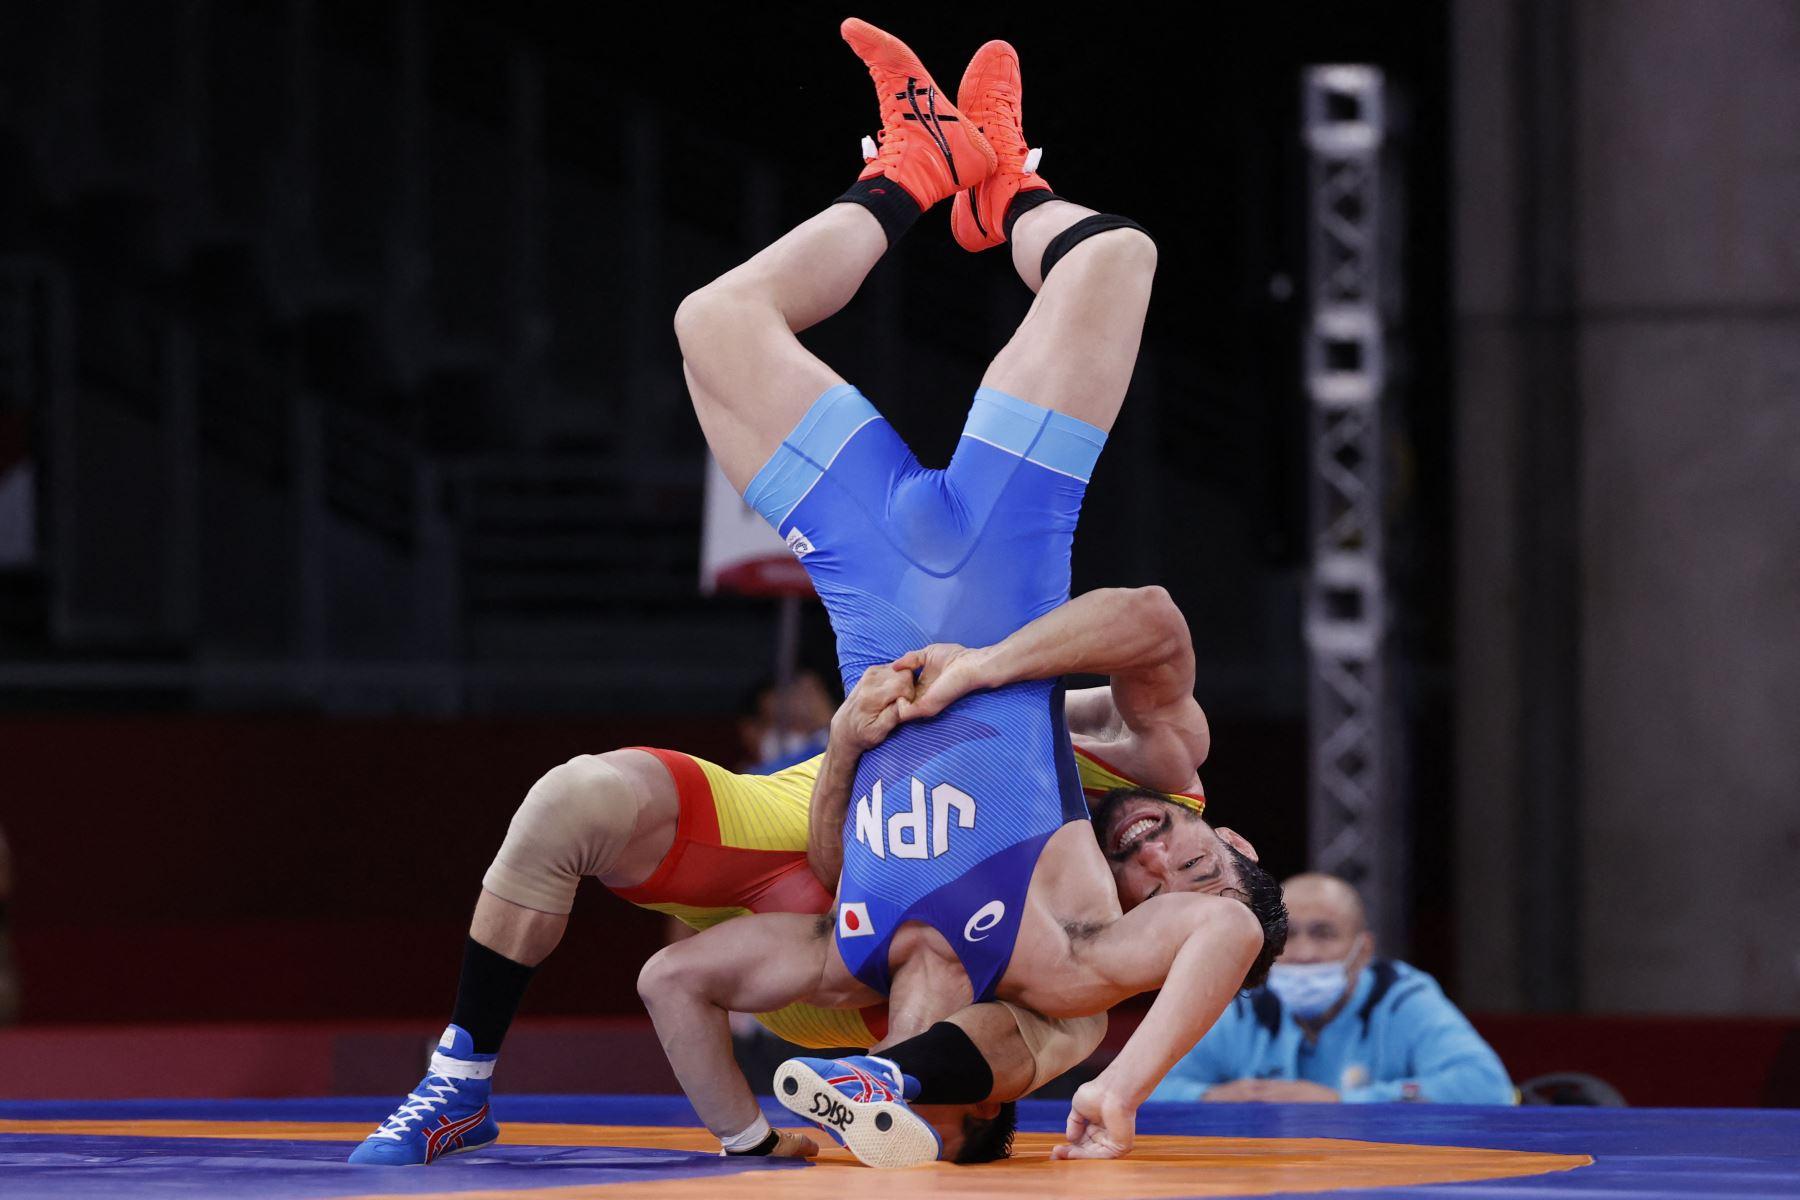 Shohei Yabiku de Japón lucha contra Demeu Zhadrayev de Kazajstán en su combate grecorromano masculino de 77 kg en la primera ronda durante los Juegos Olímpicos de Tokio 2020 en el Makuhari Messe en Tokio. Foto: AFP